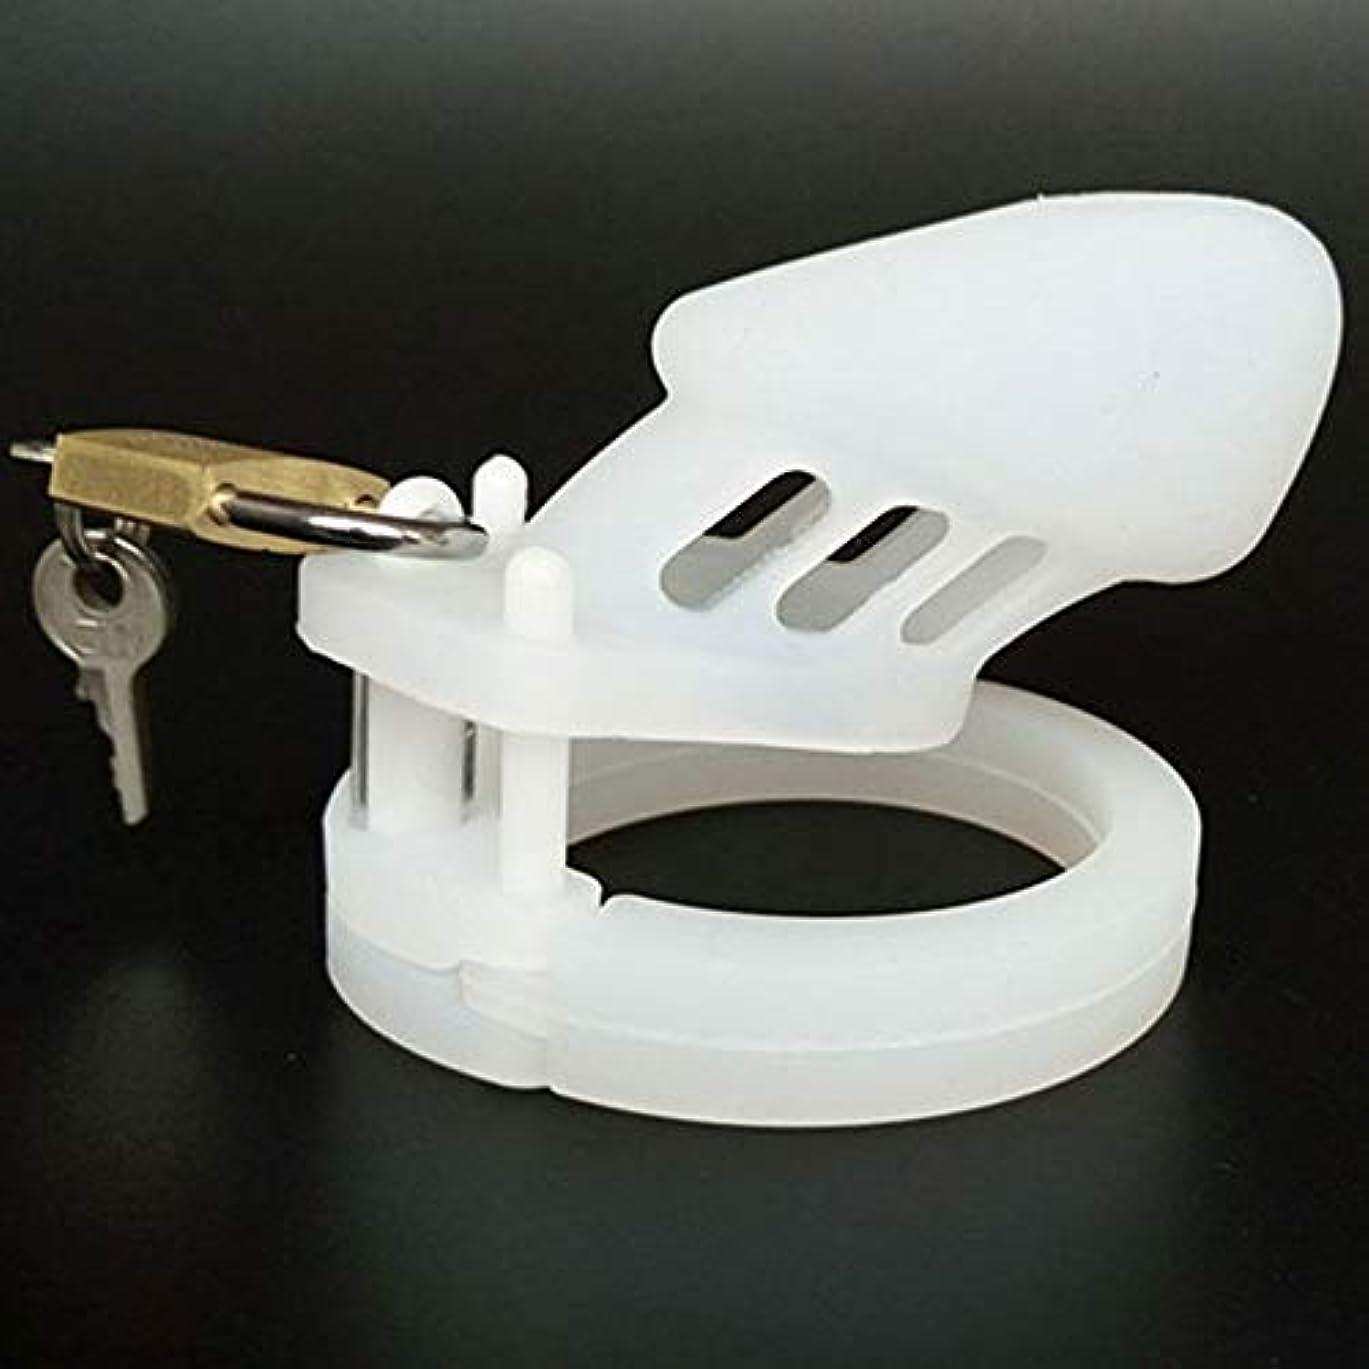 正しい囚人パスタ透明メンズシリコーンマッサージャー、マッサージャーリング5サイズ(クリスマスプレゼント)を含めます,8cm